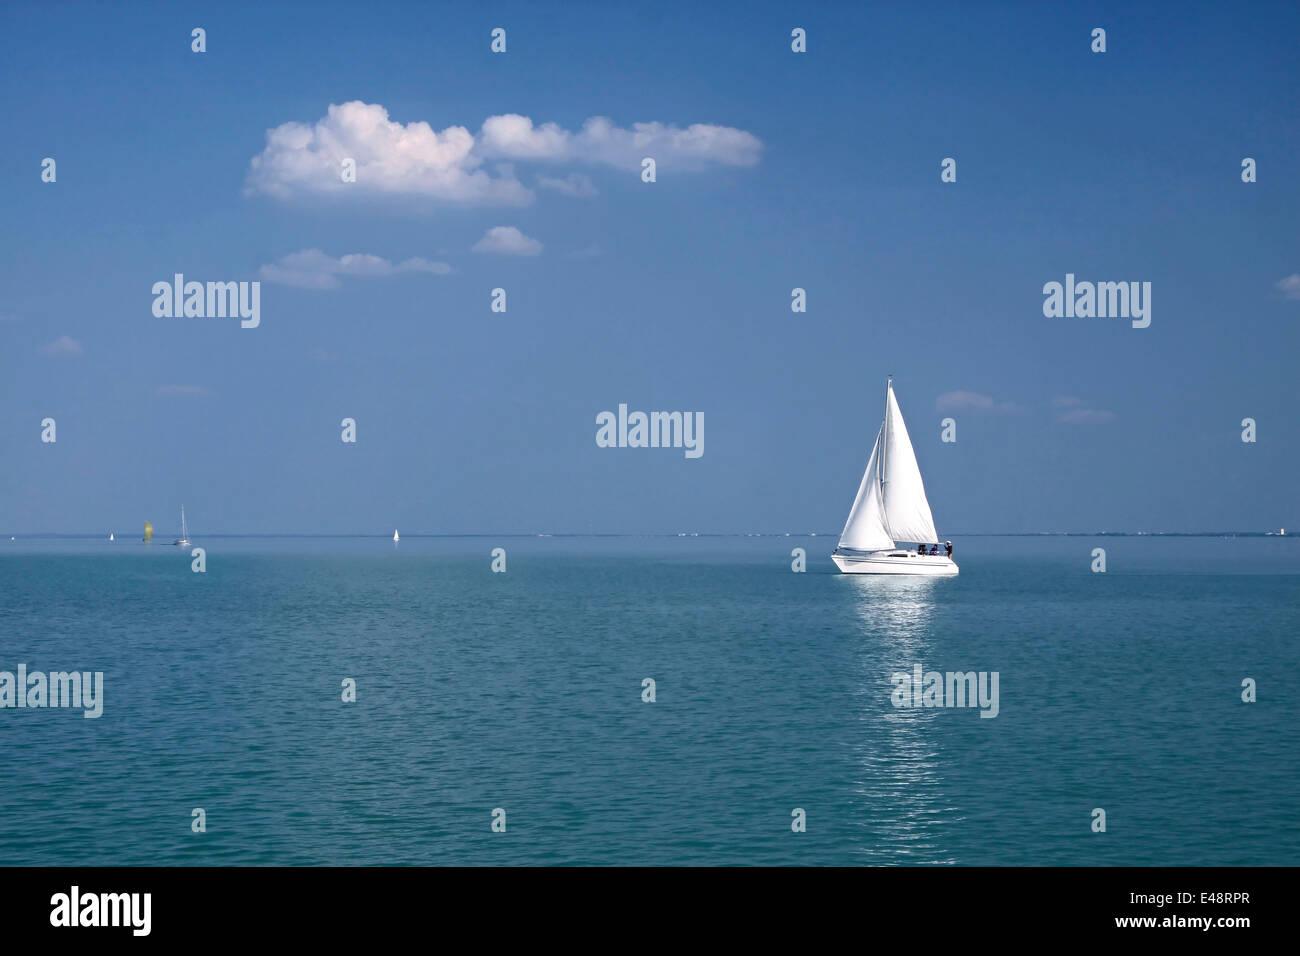 White Sailboat near Balatonfüred at Lake Balaton, Hungary - Stock Image